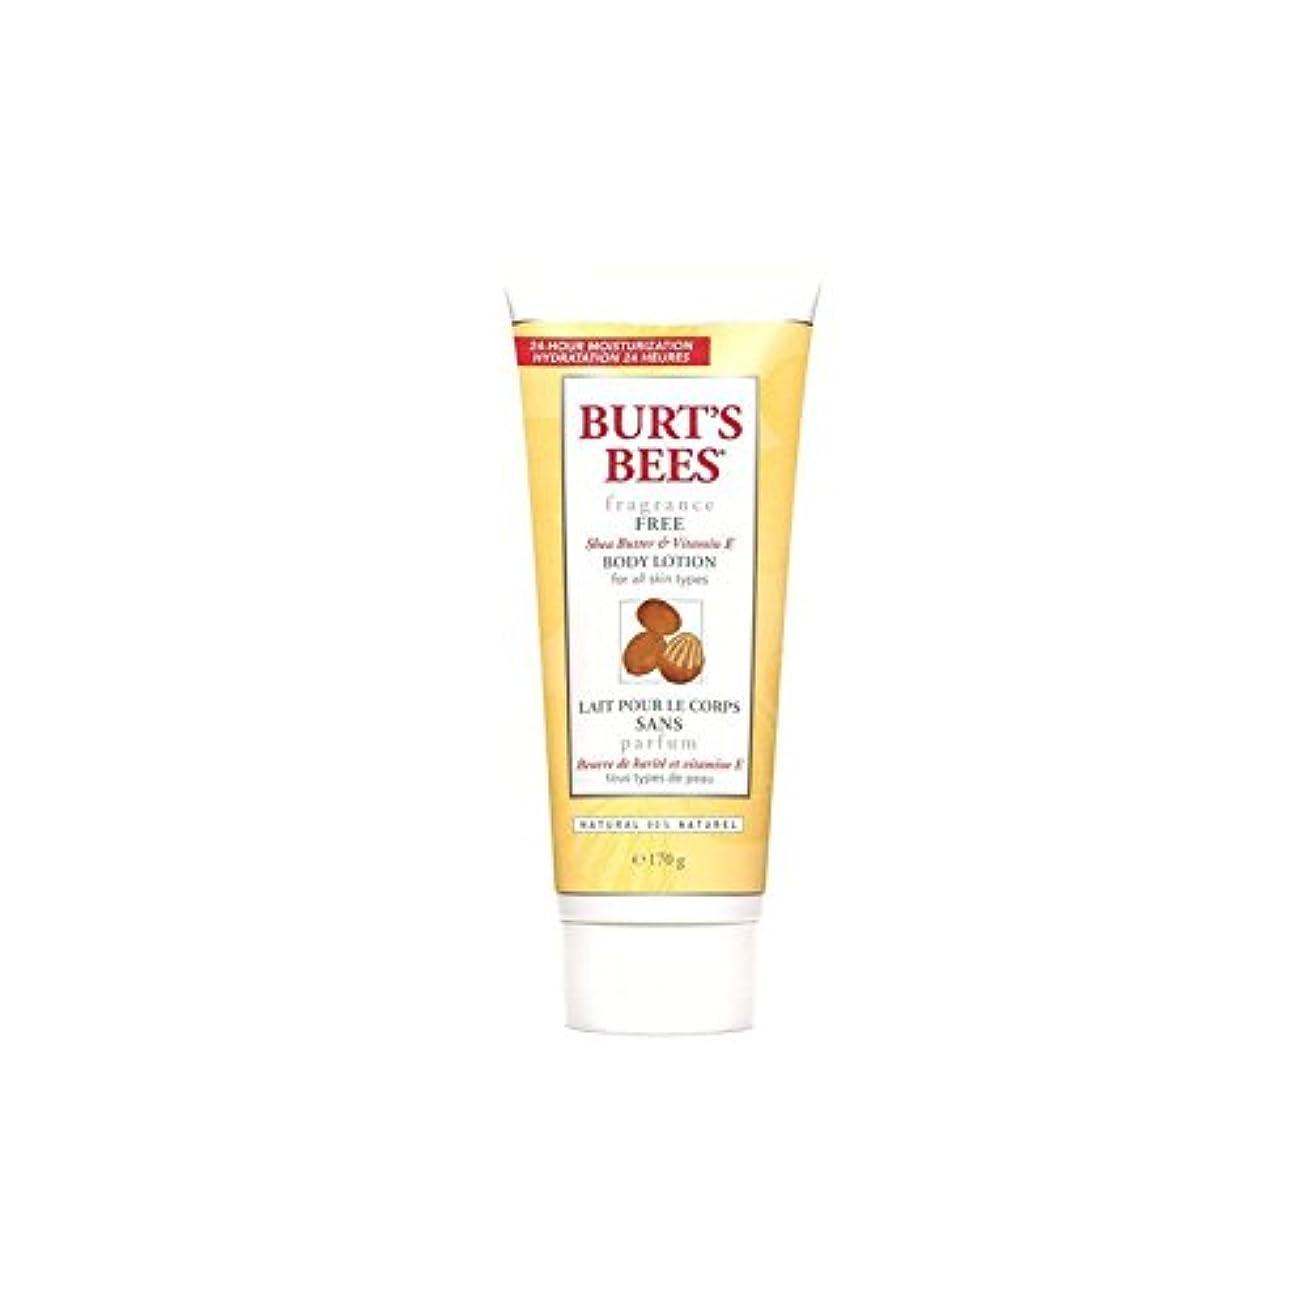 老人おとうさんできたバーツビーボディローション - 無香料6オンス x4 - Burt's Bees Body Lotion - Fragrance Free 6fl oz (Pack of 4) [並行輸入品]